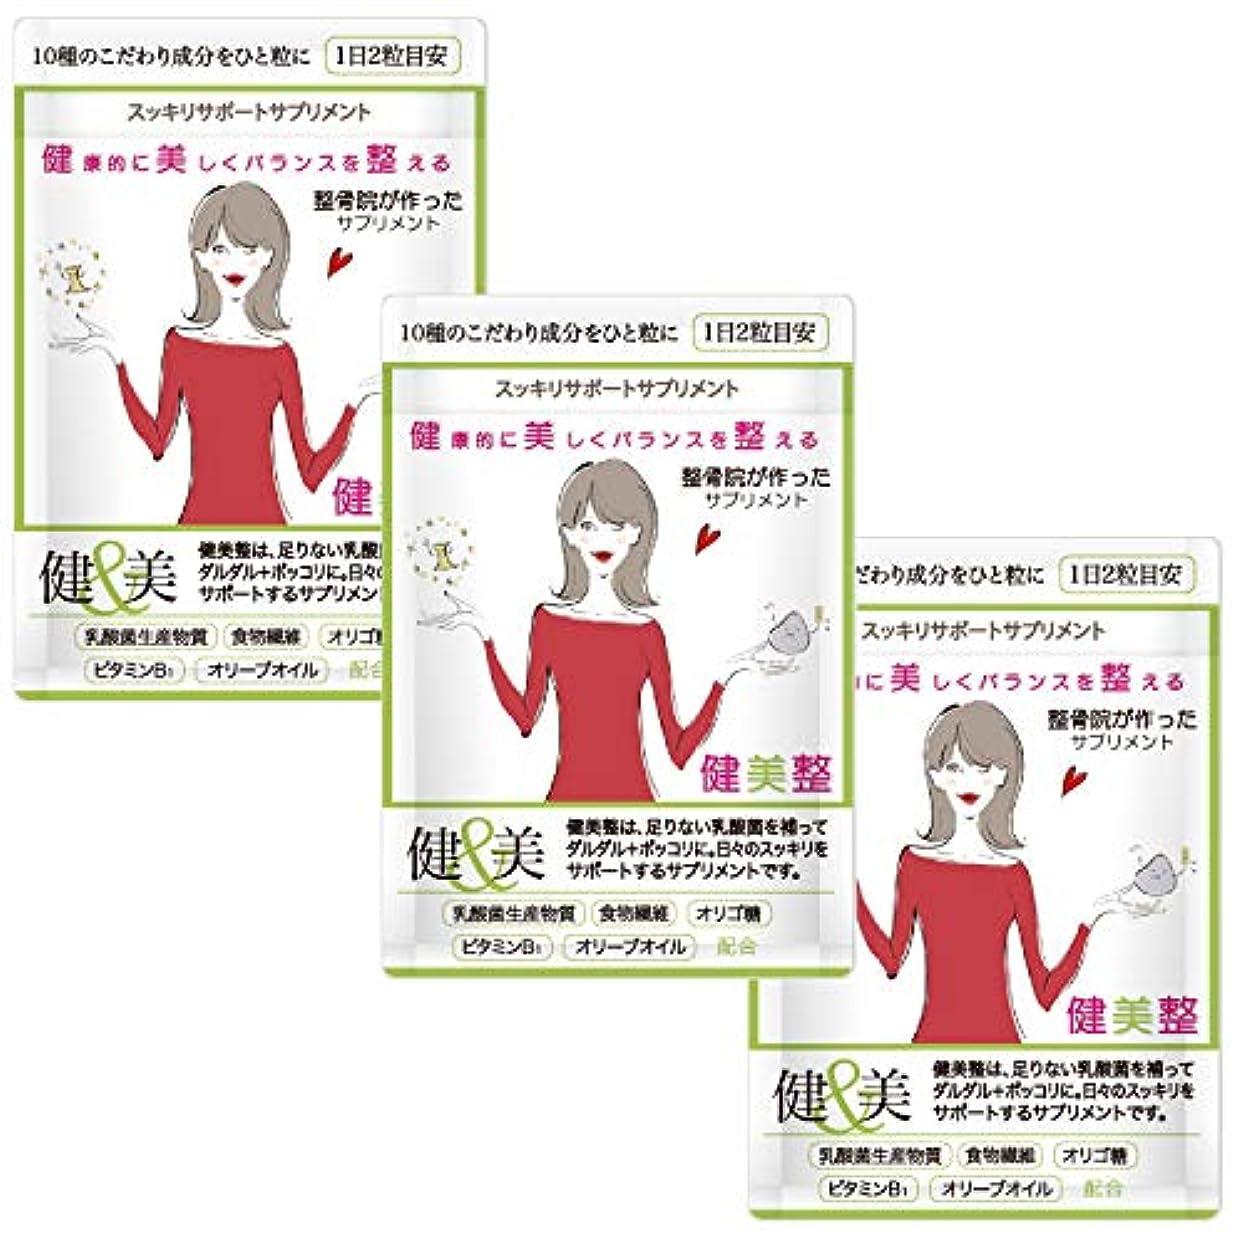 ファンネブグラフダイエット サプリメント 人気 酵素 健美整プラス 腸内環境 炭 60粒1か月分 (3)